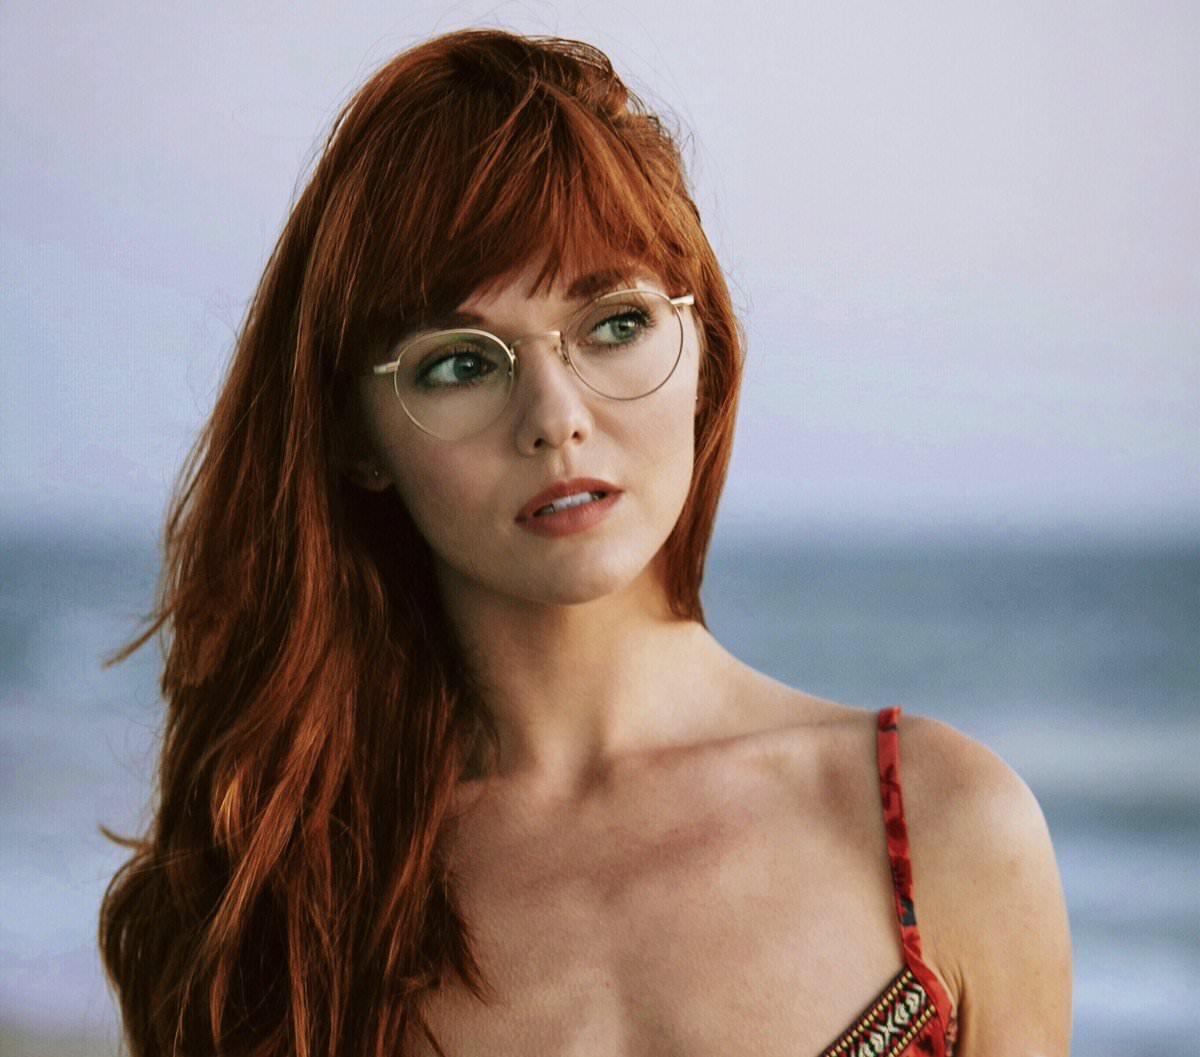 Boobs Natasha Legeyda nude photos 2019